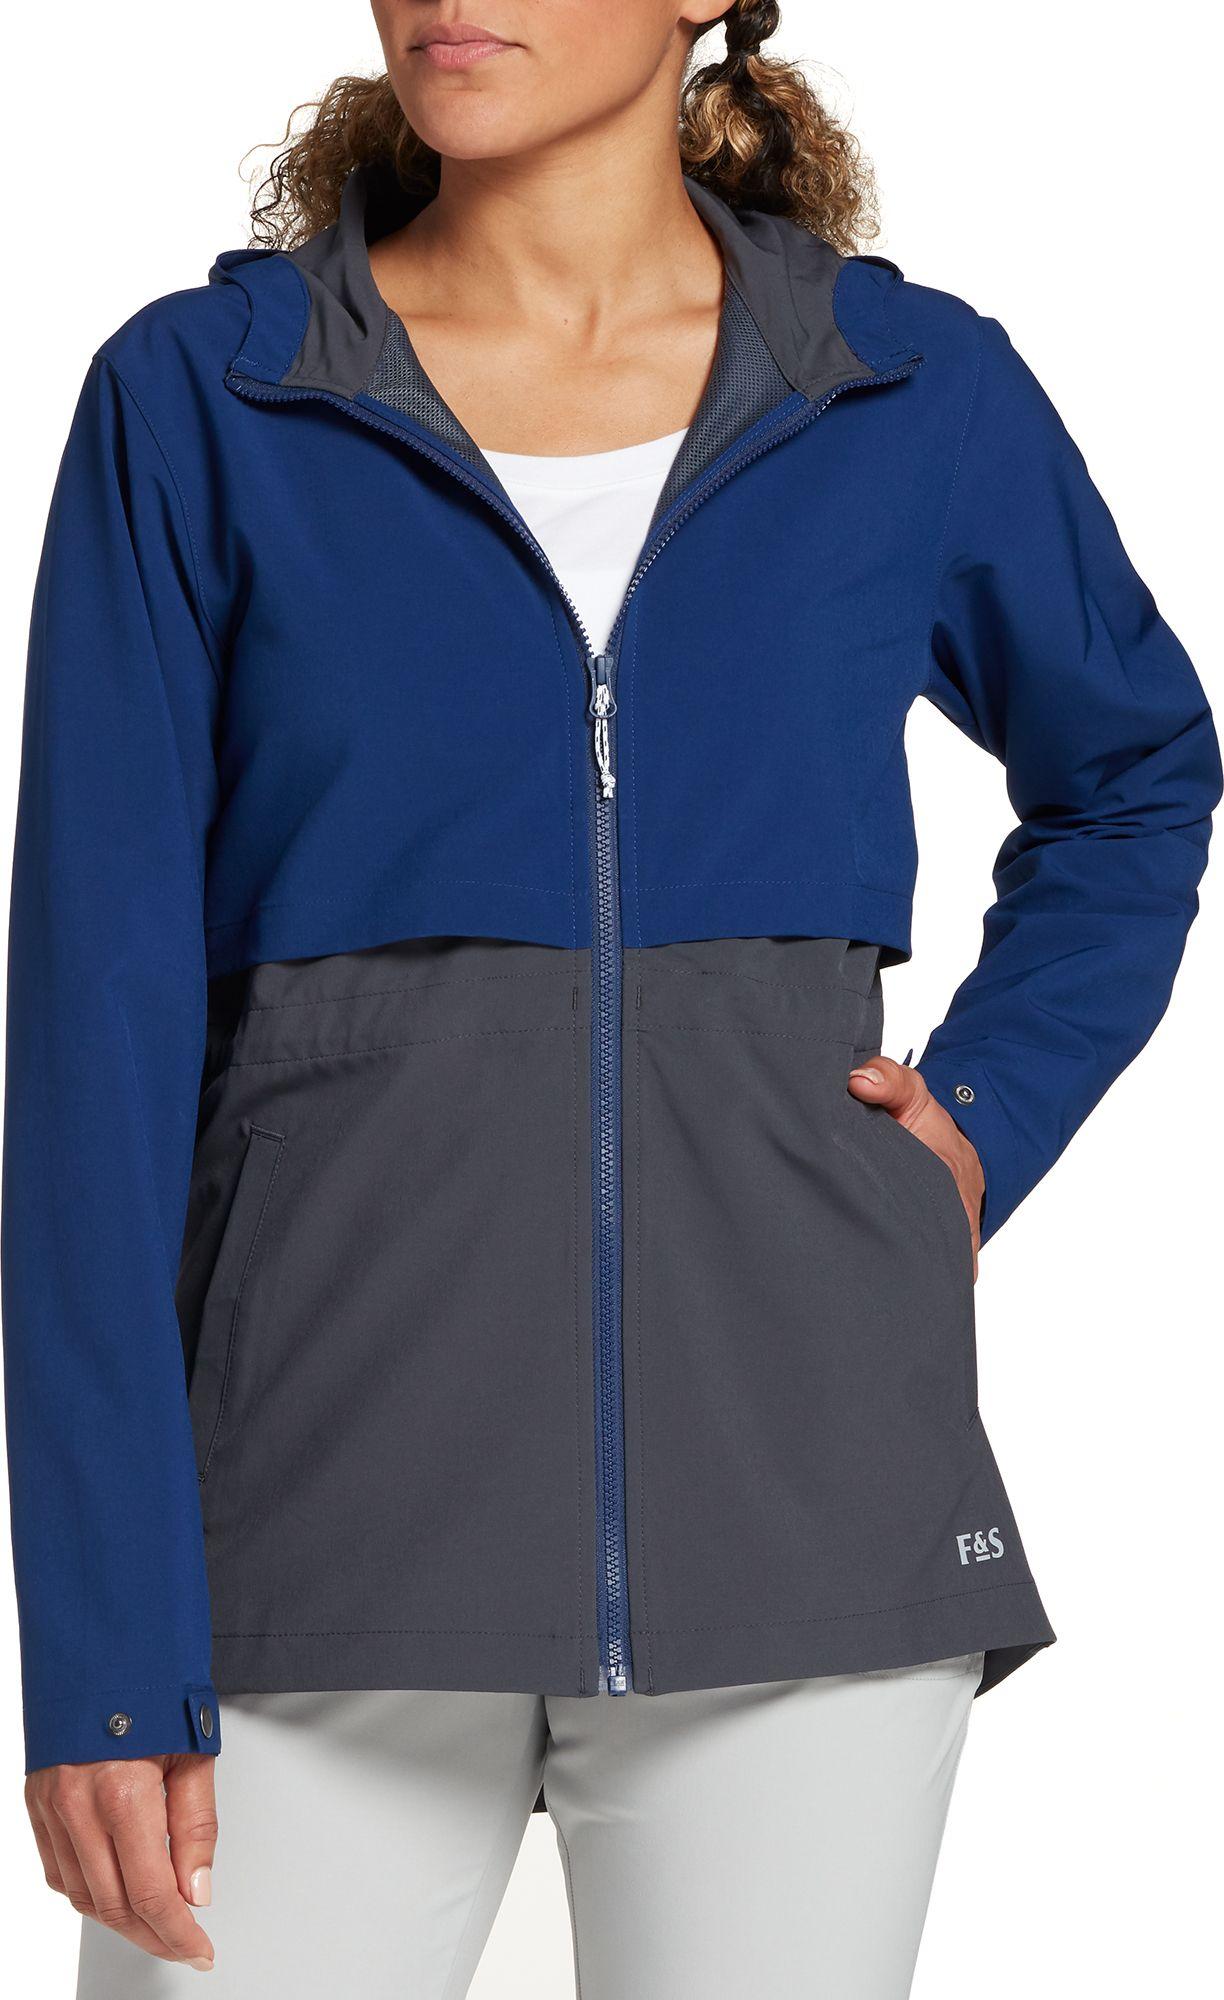 Field & Stream Women's Windcheater Jacket, Size: Small, Black